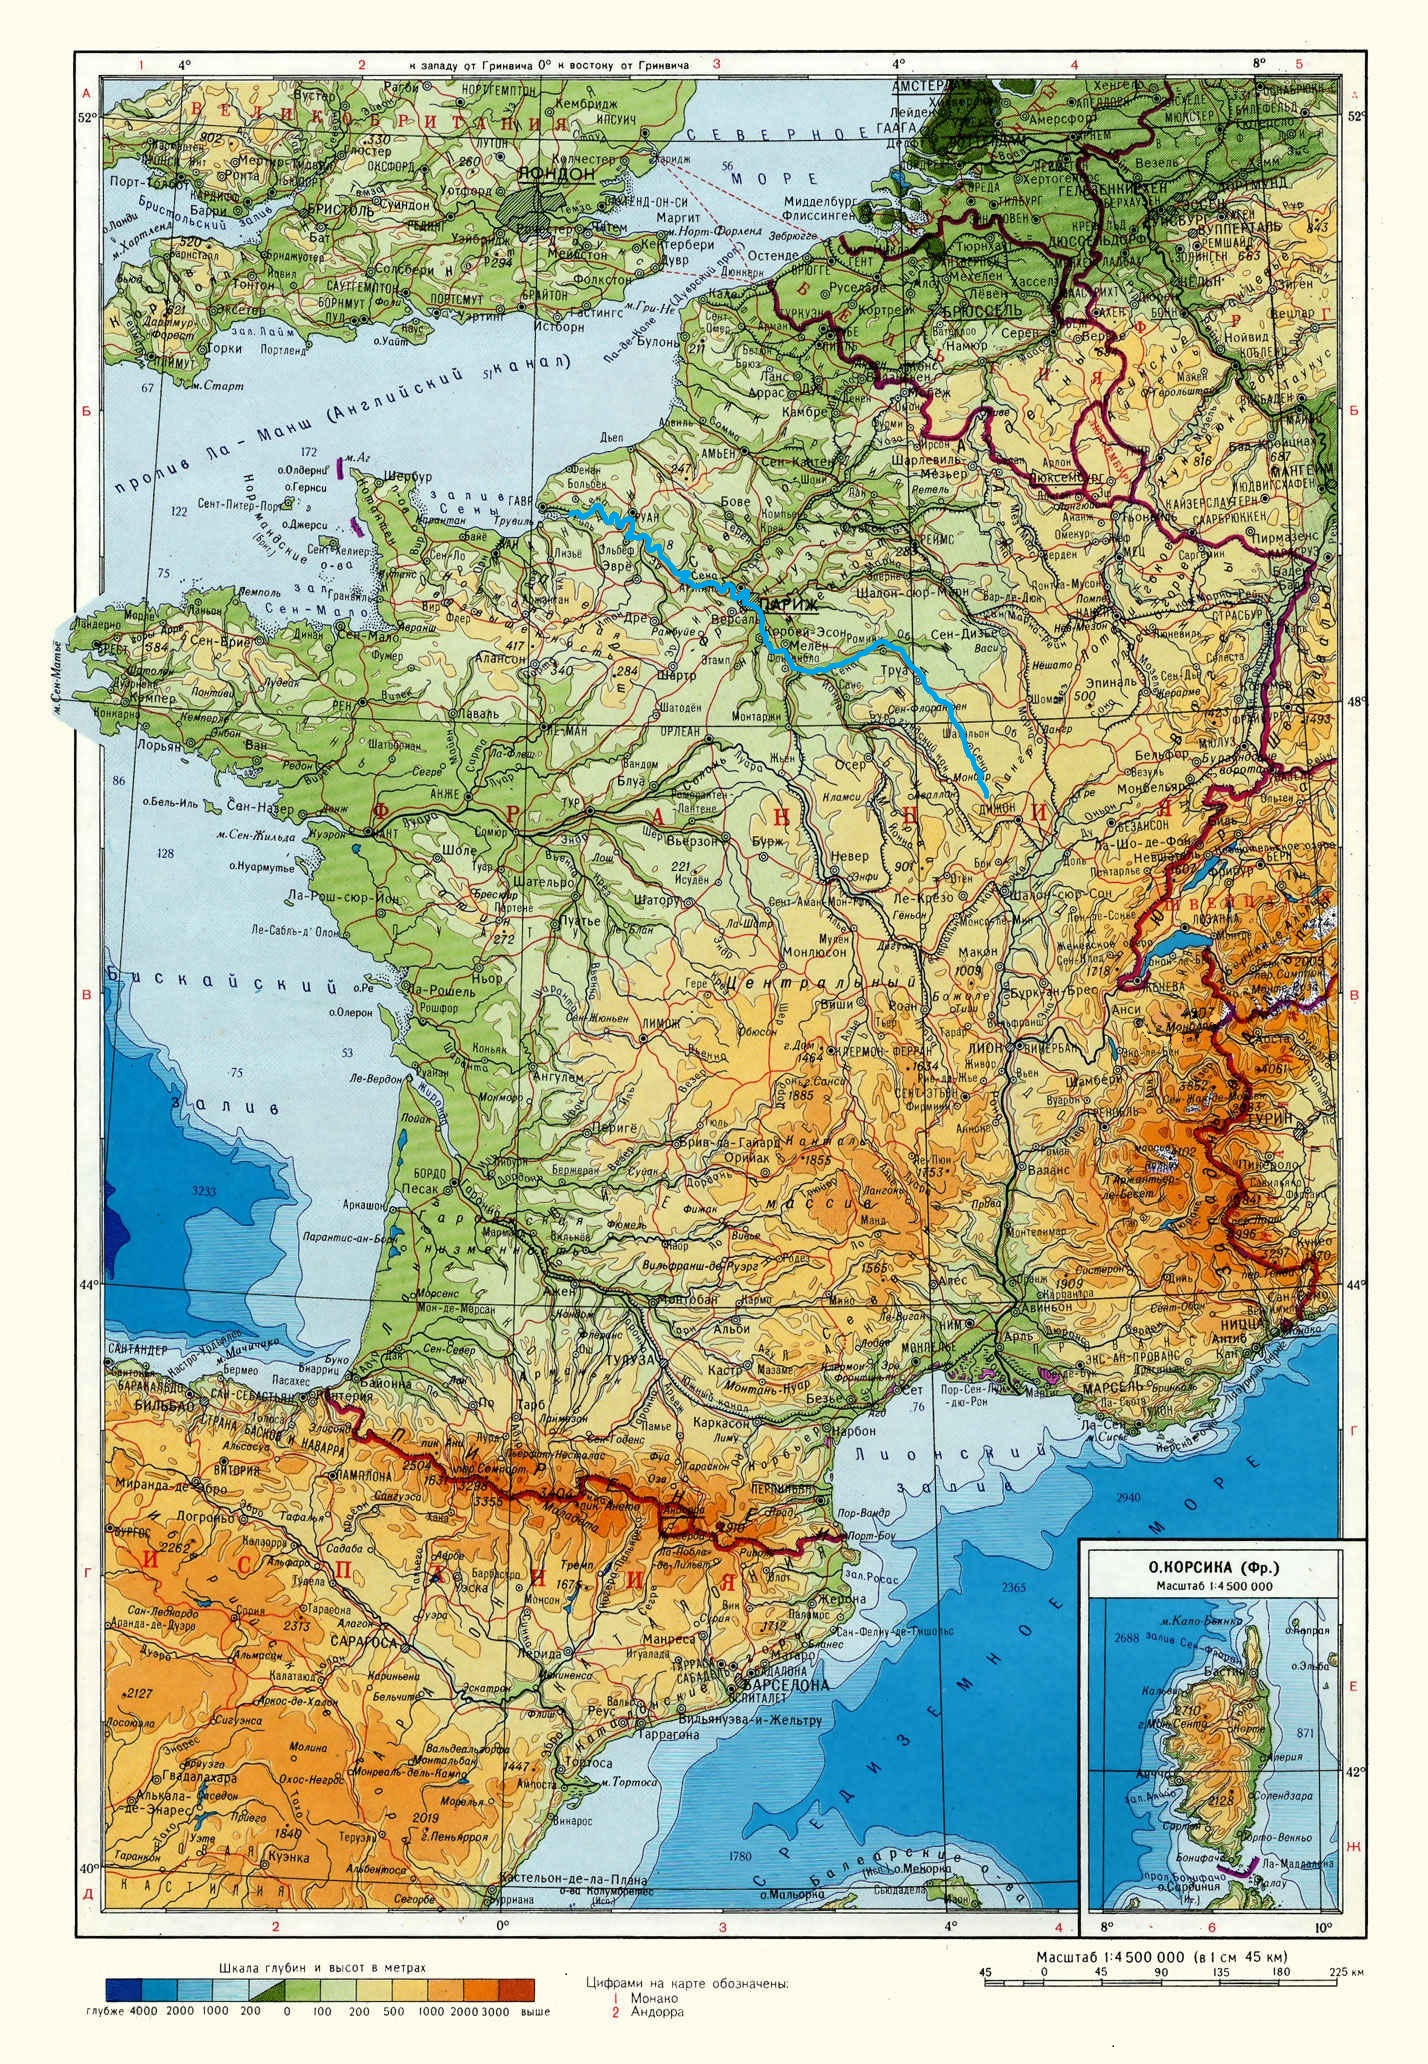 Река Сена (Seine) на карте